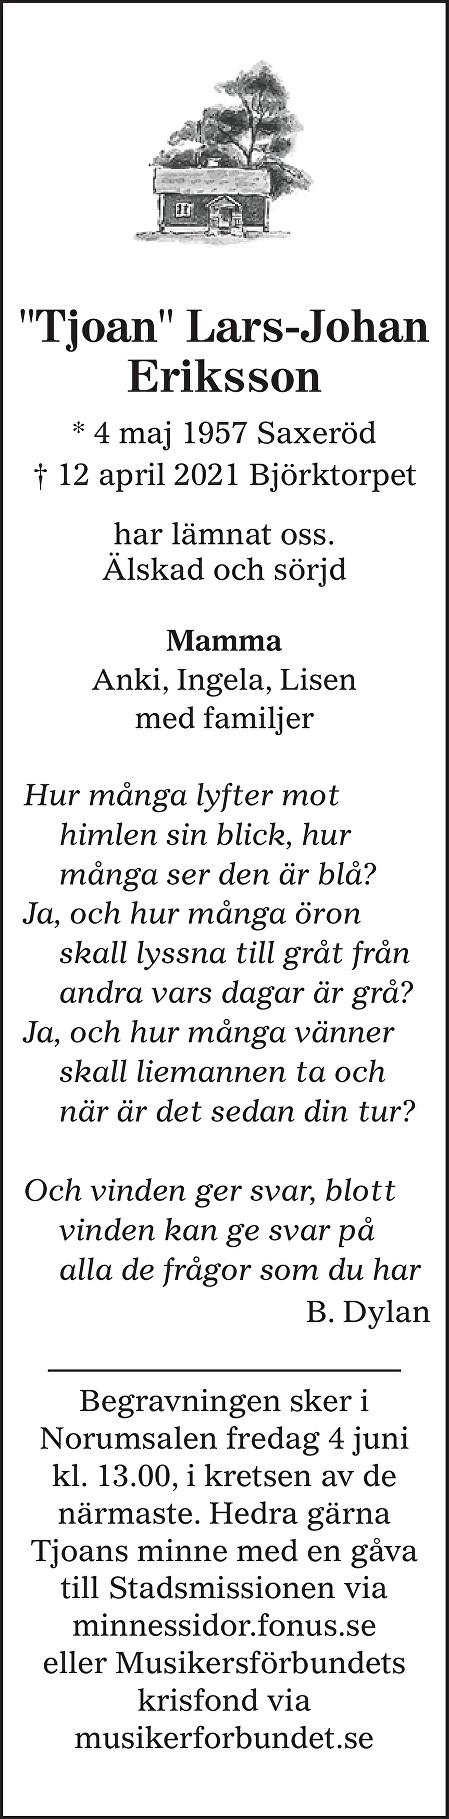 Lars-Johan Eriksson Death notice